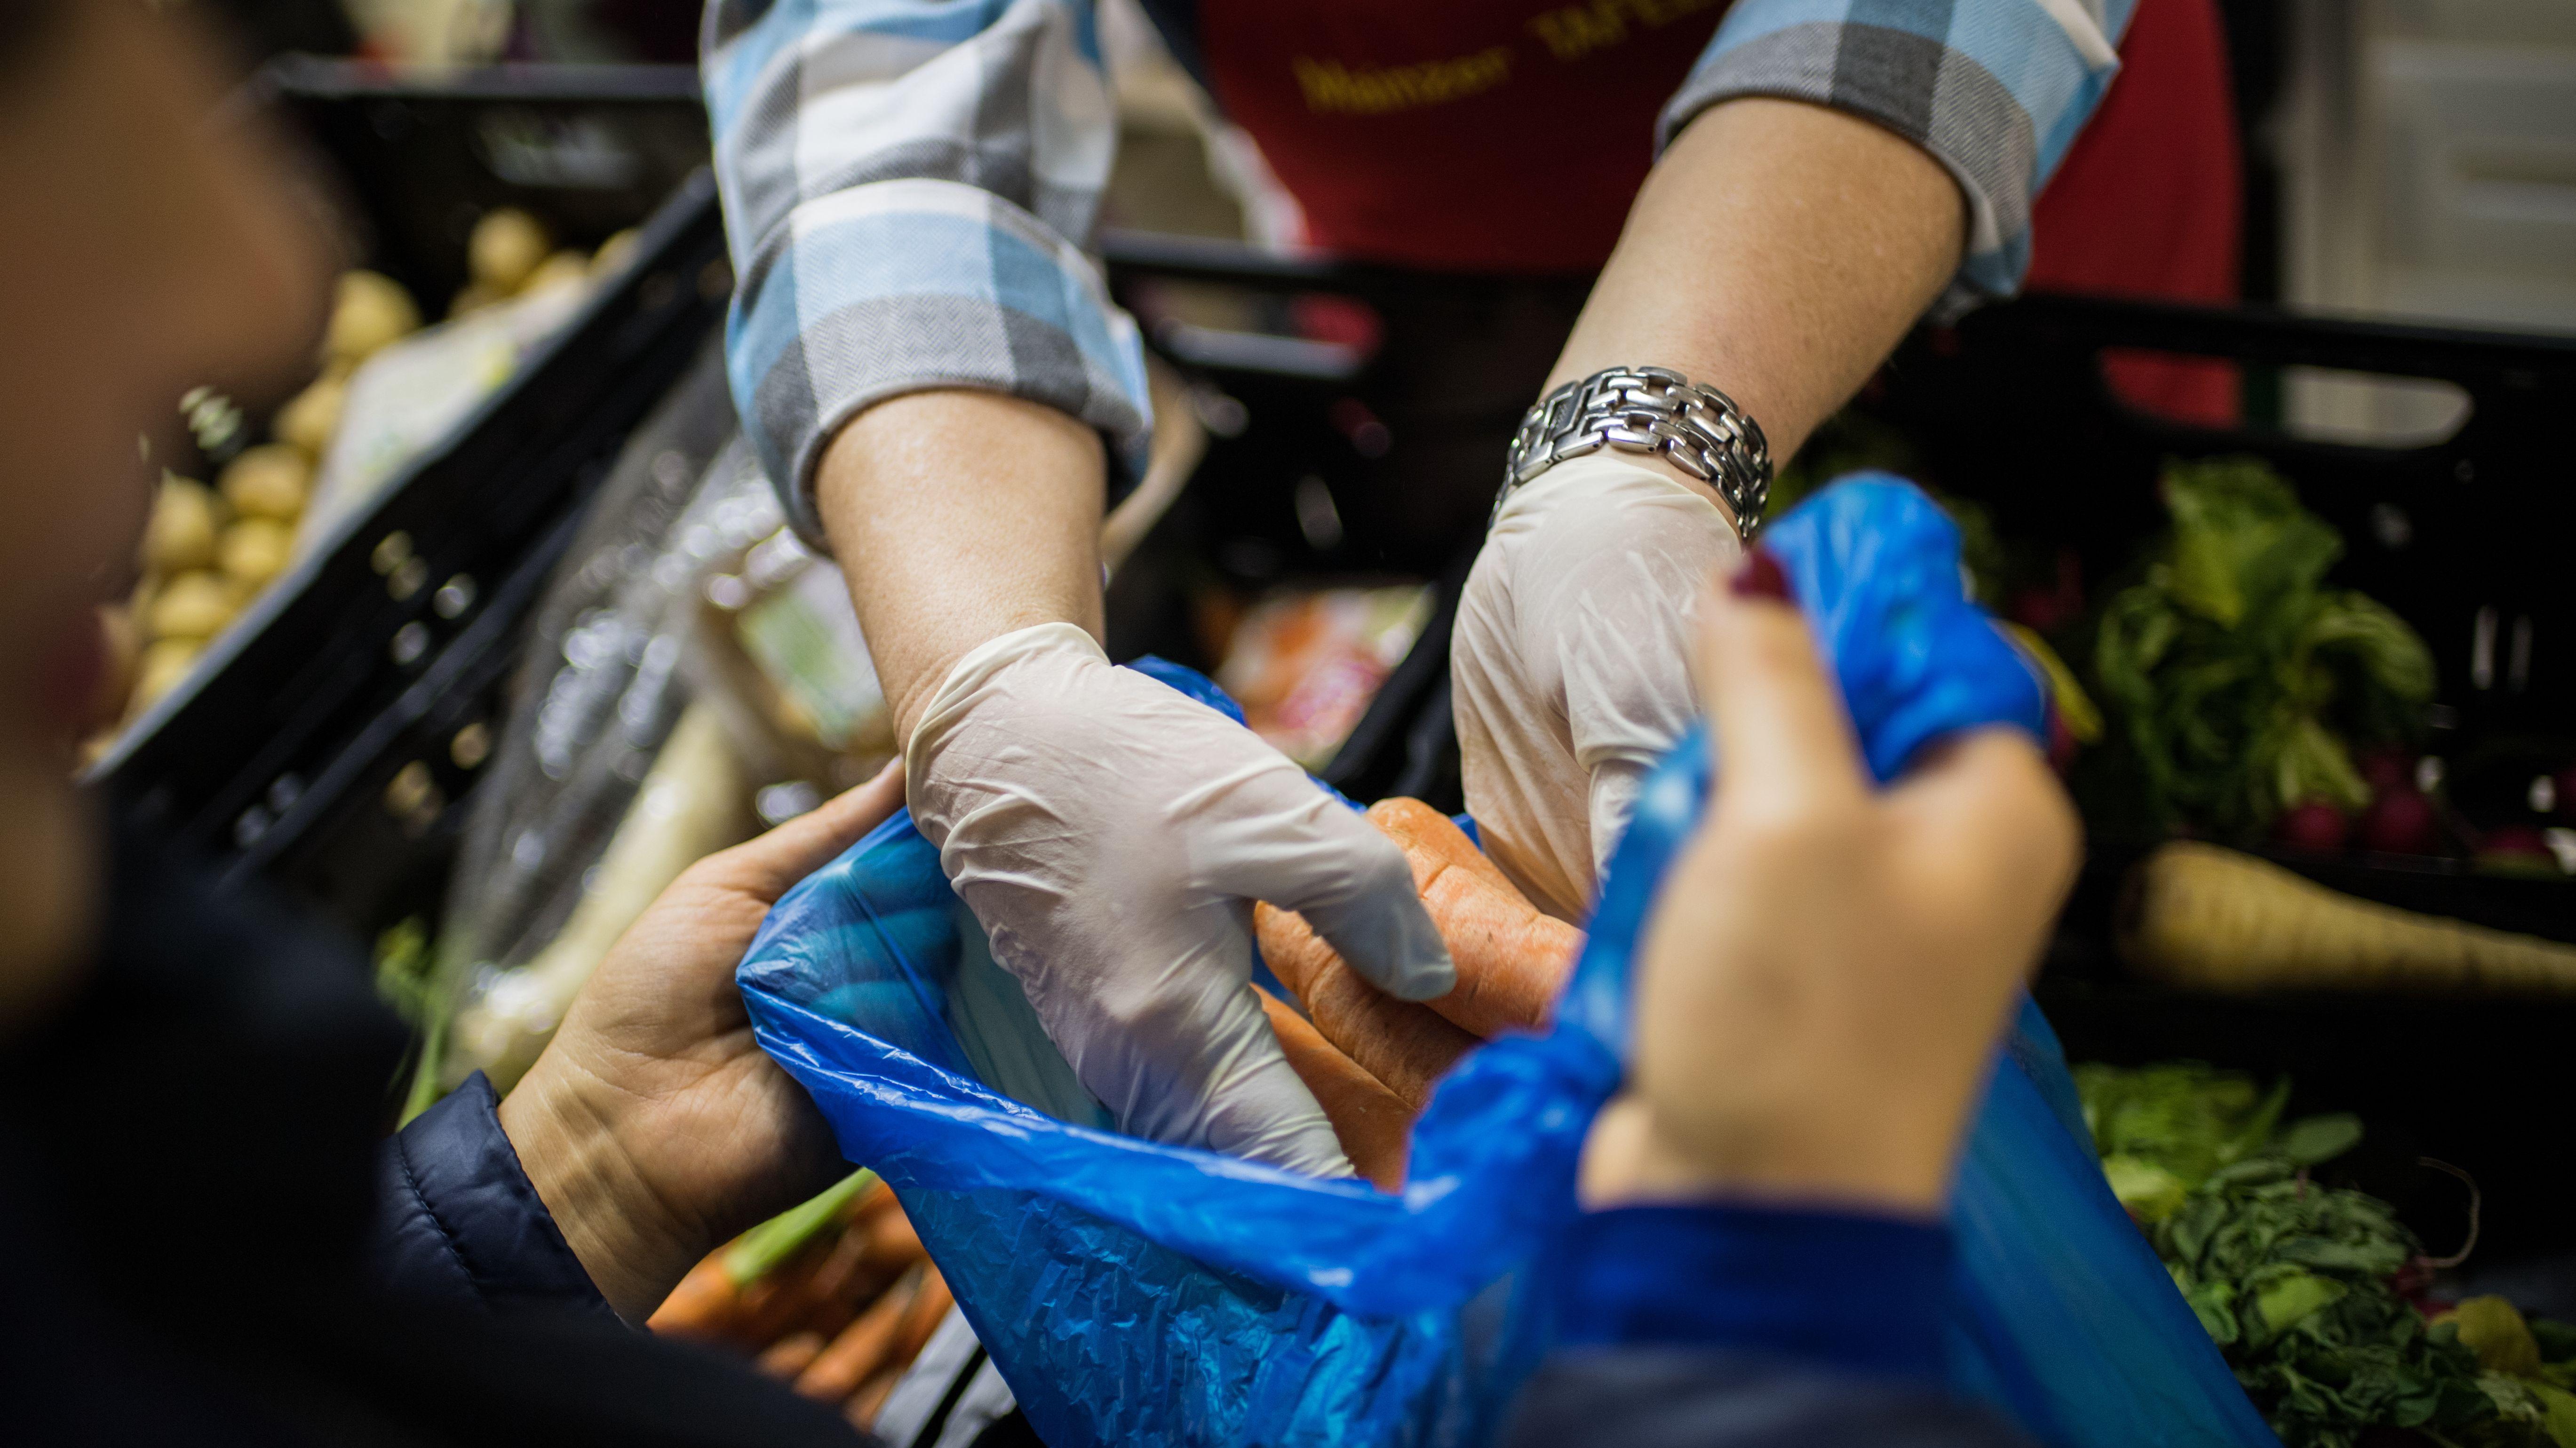 Mitarbeiter einer Tafel packt Lebensmittel in eine Plastiktüte (Symbolfoto).